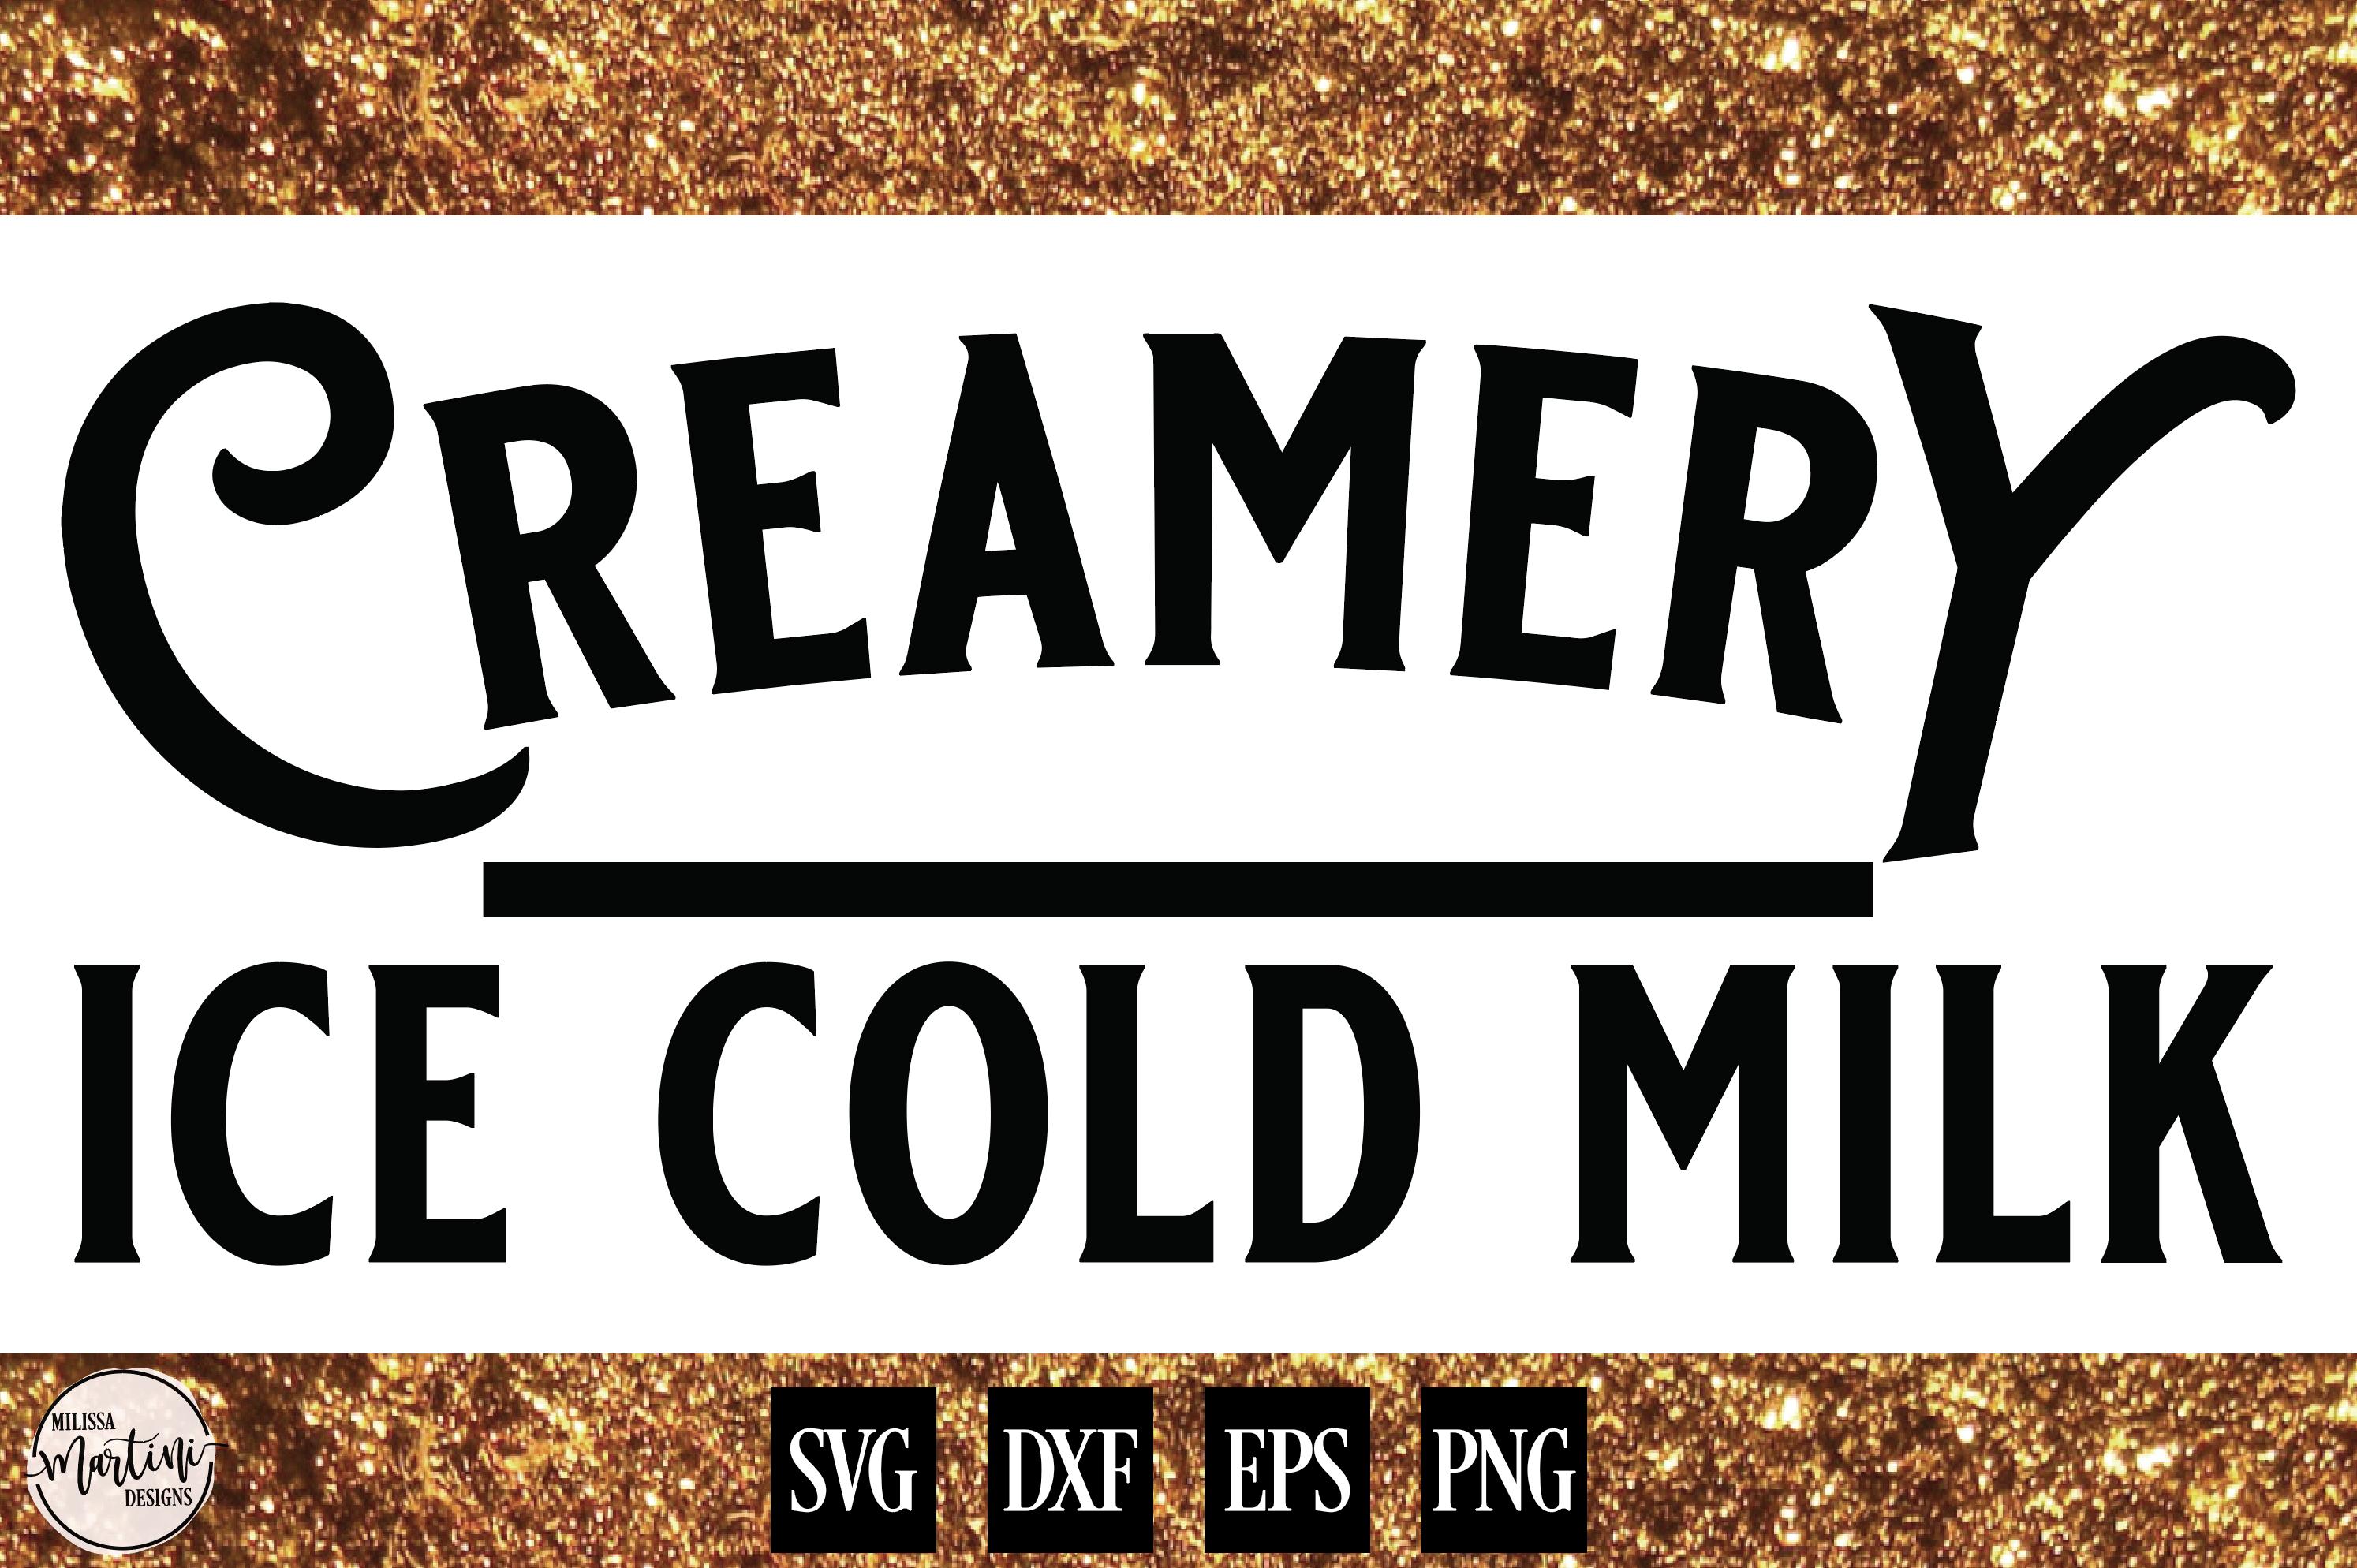 Creamery Ice Cold Milk example image 1